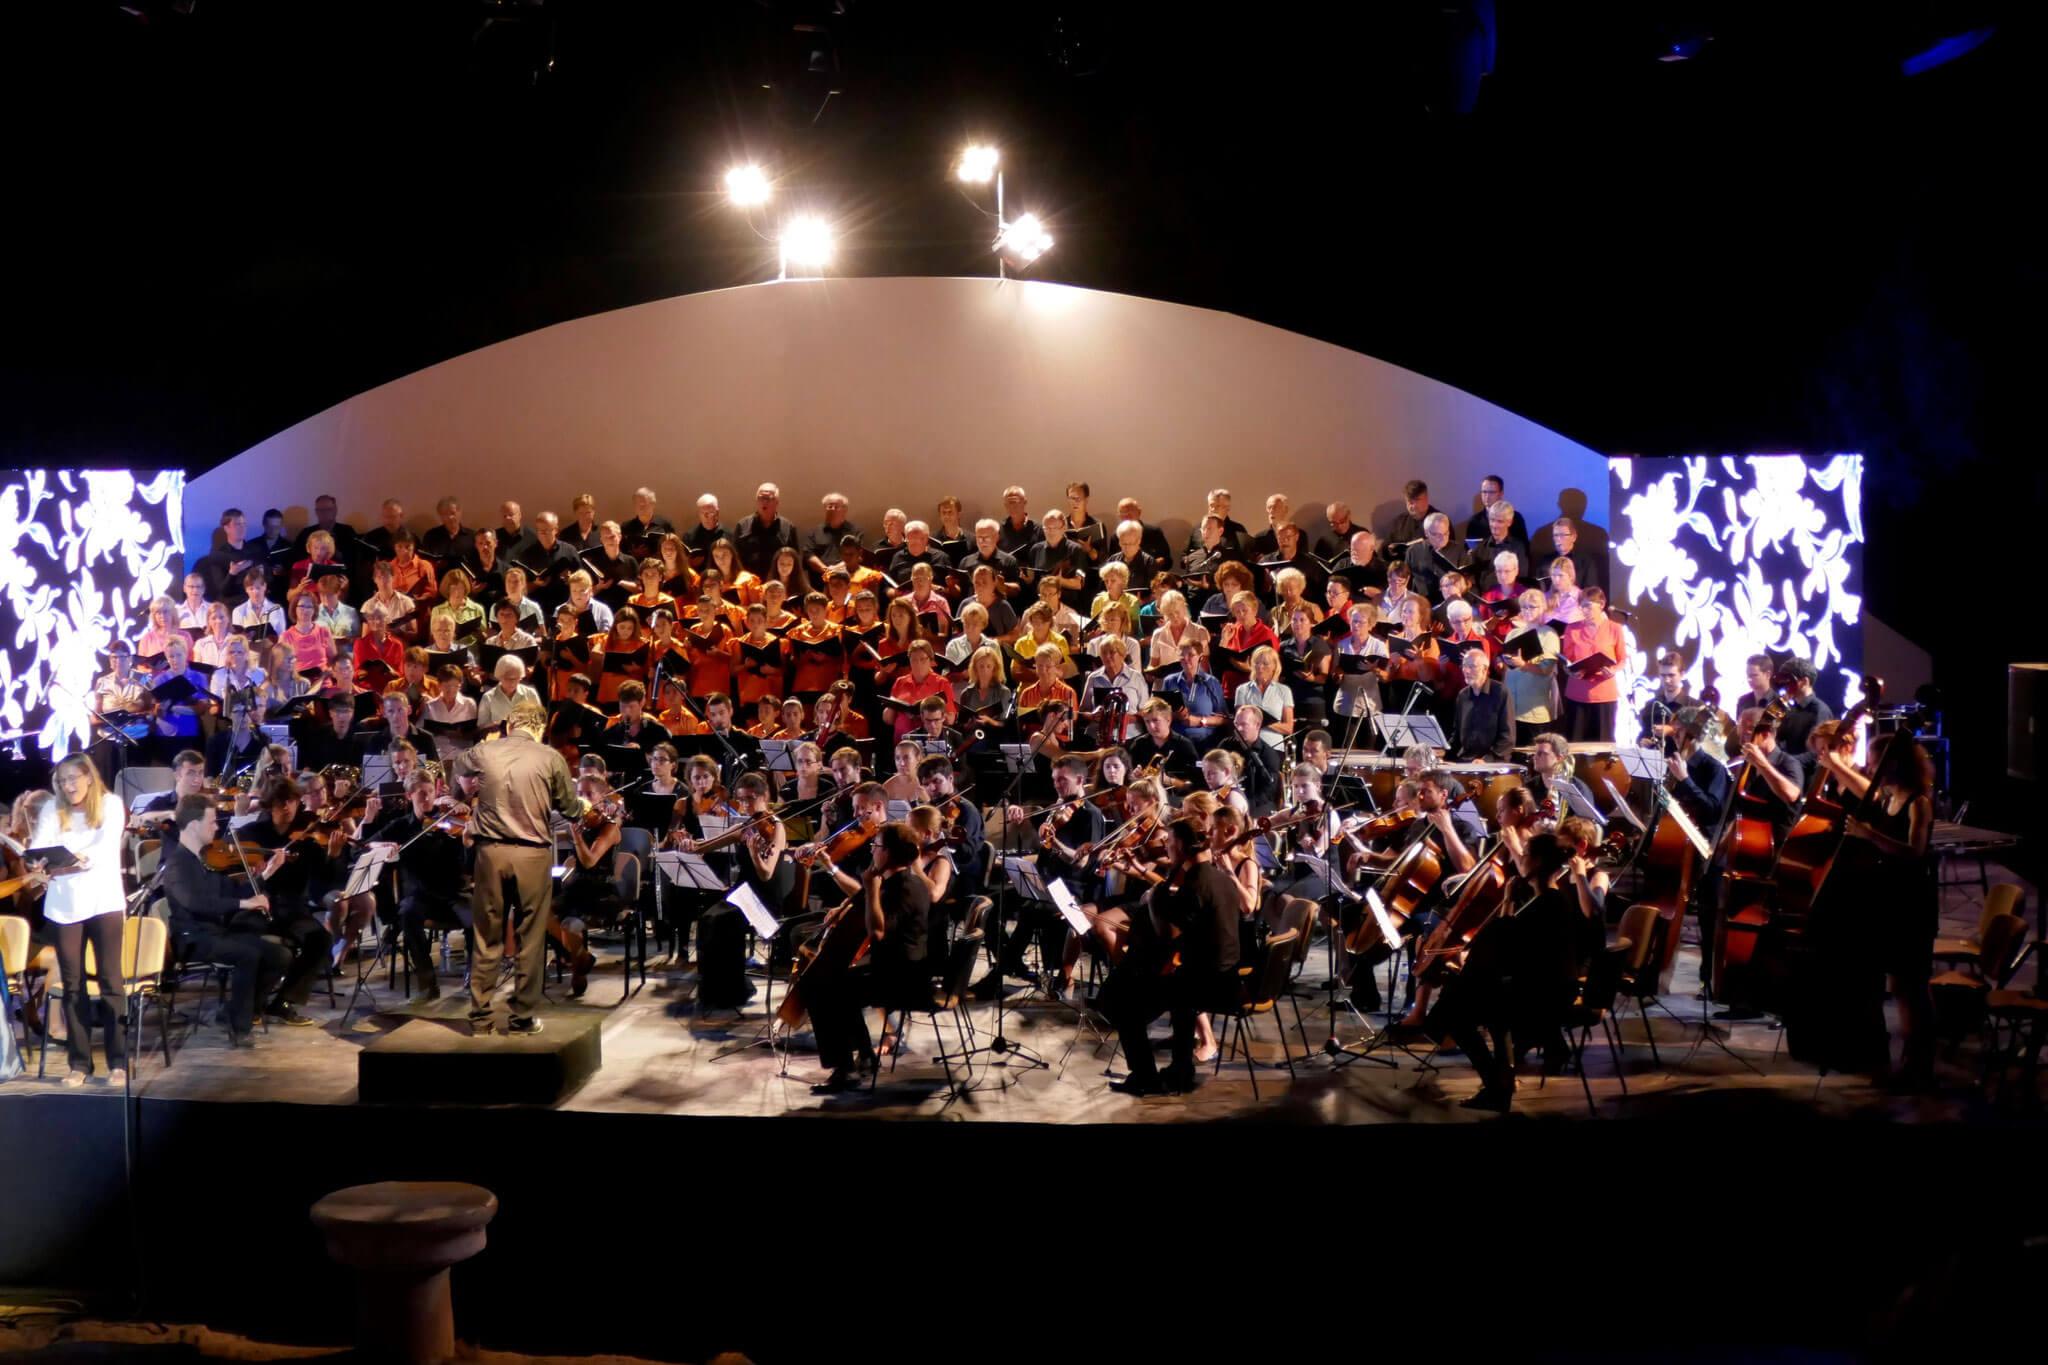 Volle Bühne bei der 9. Symphonie von Beethoven